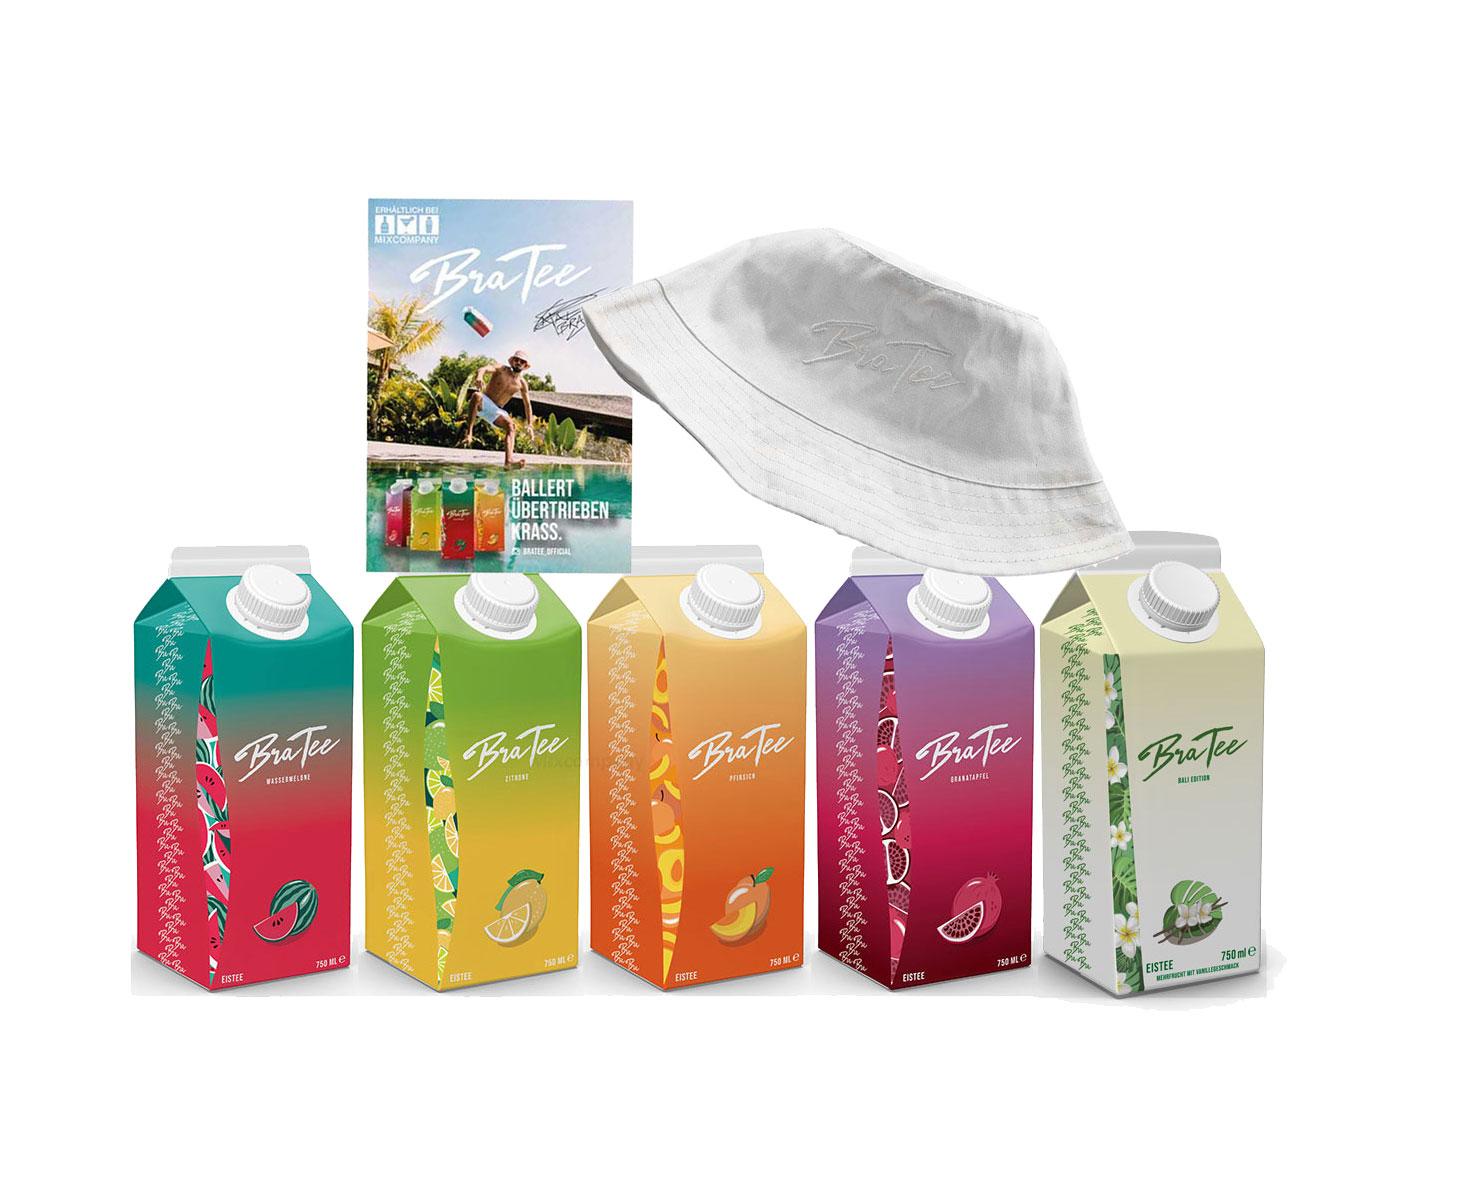 Capital BraTee 5er Tasting Set Eistee mit Special Bali Edition je 750ml + Autogrammkarte und Hut BRATEE Limited Edition Ice tea Wassermelone + Zitrone + Pfirsich + Granatapfel + Mehrfrucht mit Vanillegeschmack